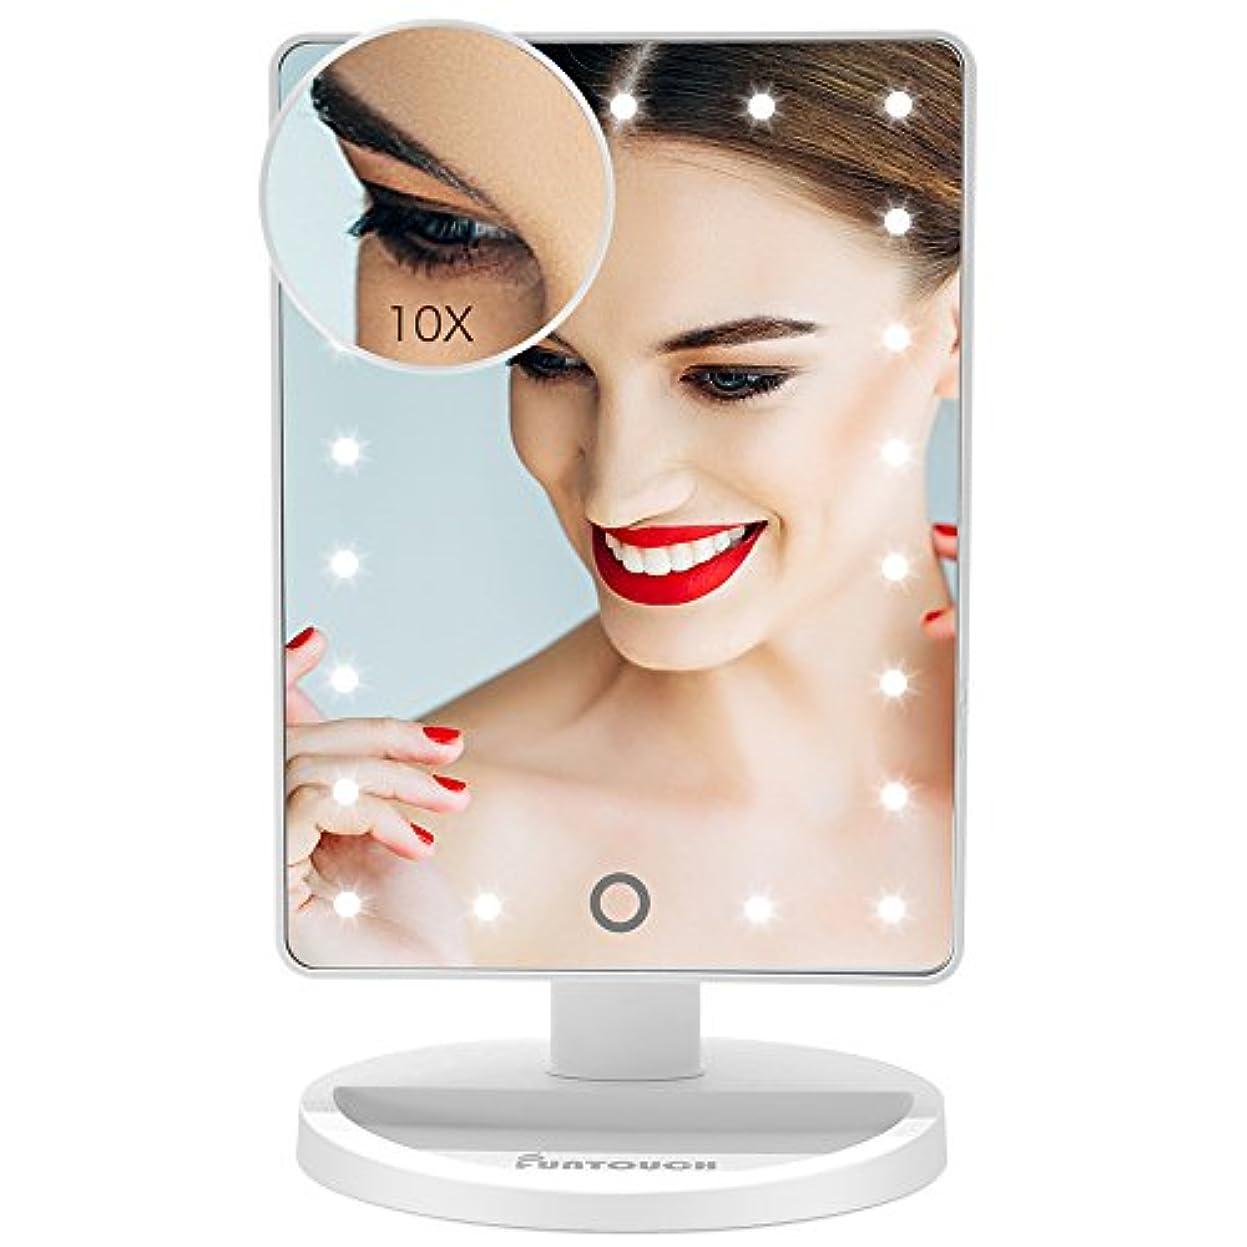 システム現象翻訳者化粧鏡 卓上鏡 化粧ミラー 鏡 女優ミラー 卓上 21 led 拡大鏡 10倍 明るさ調節可能 180°回転 電池給電(White)